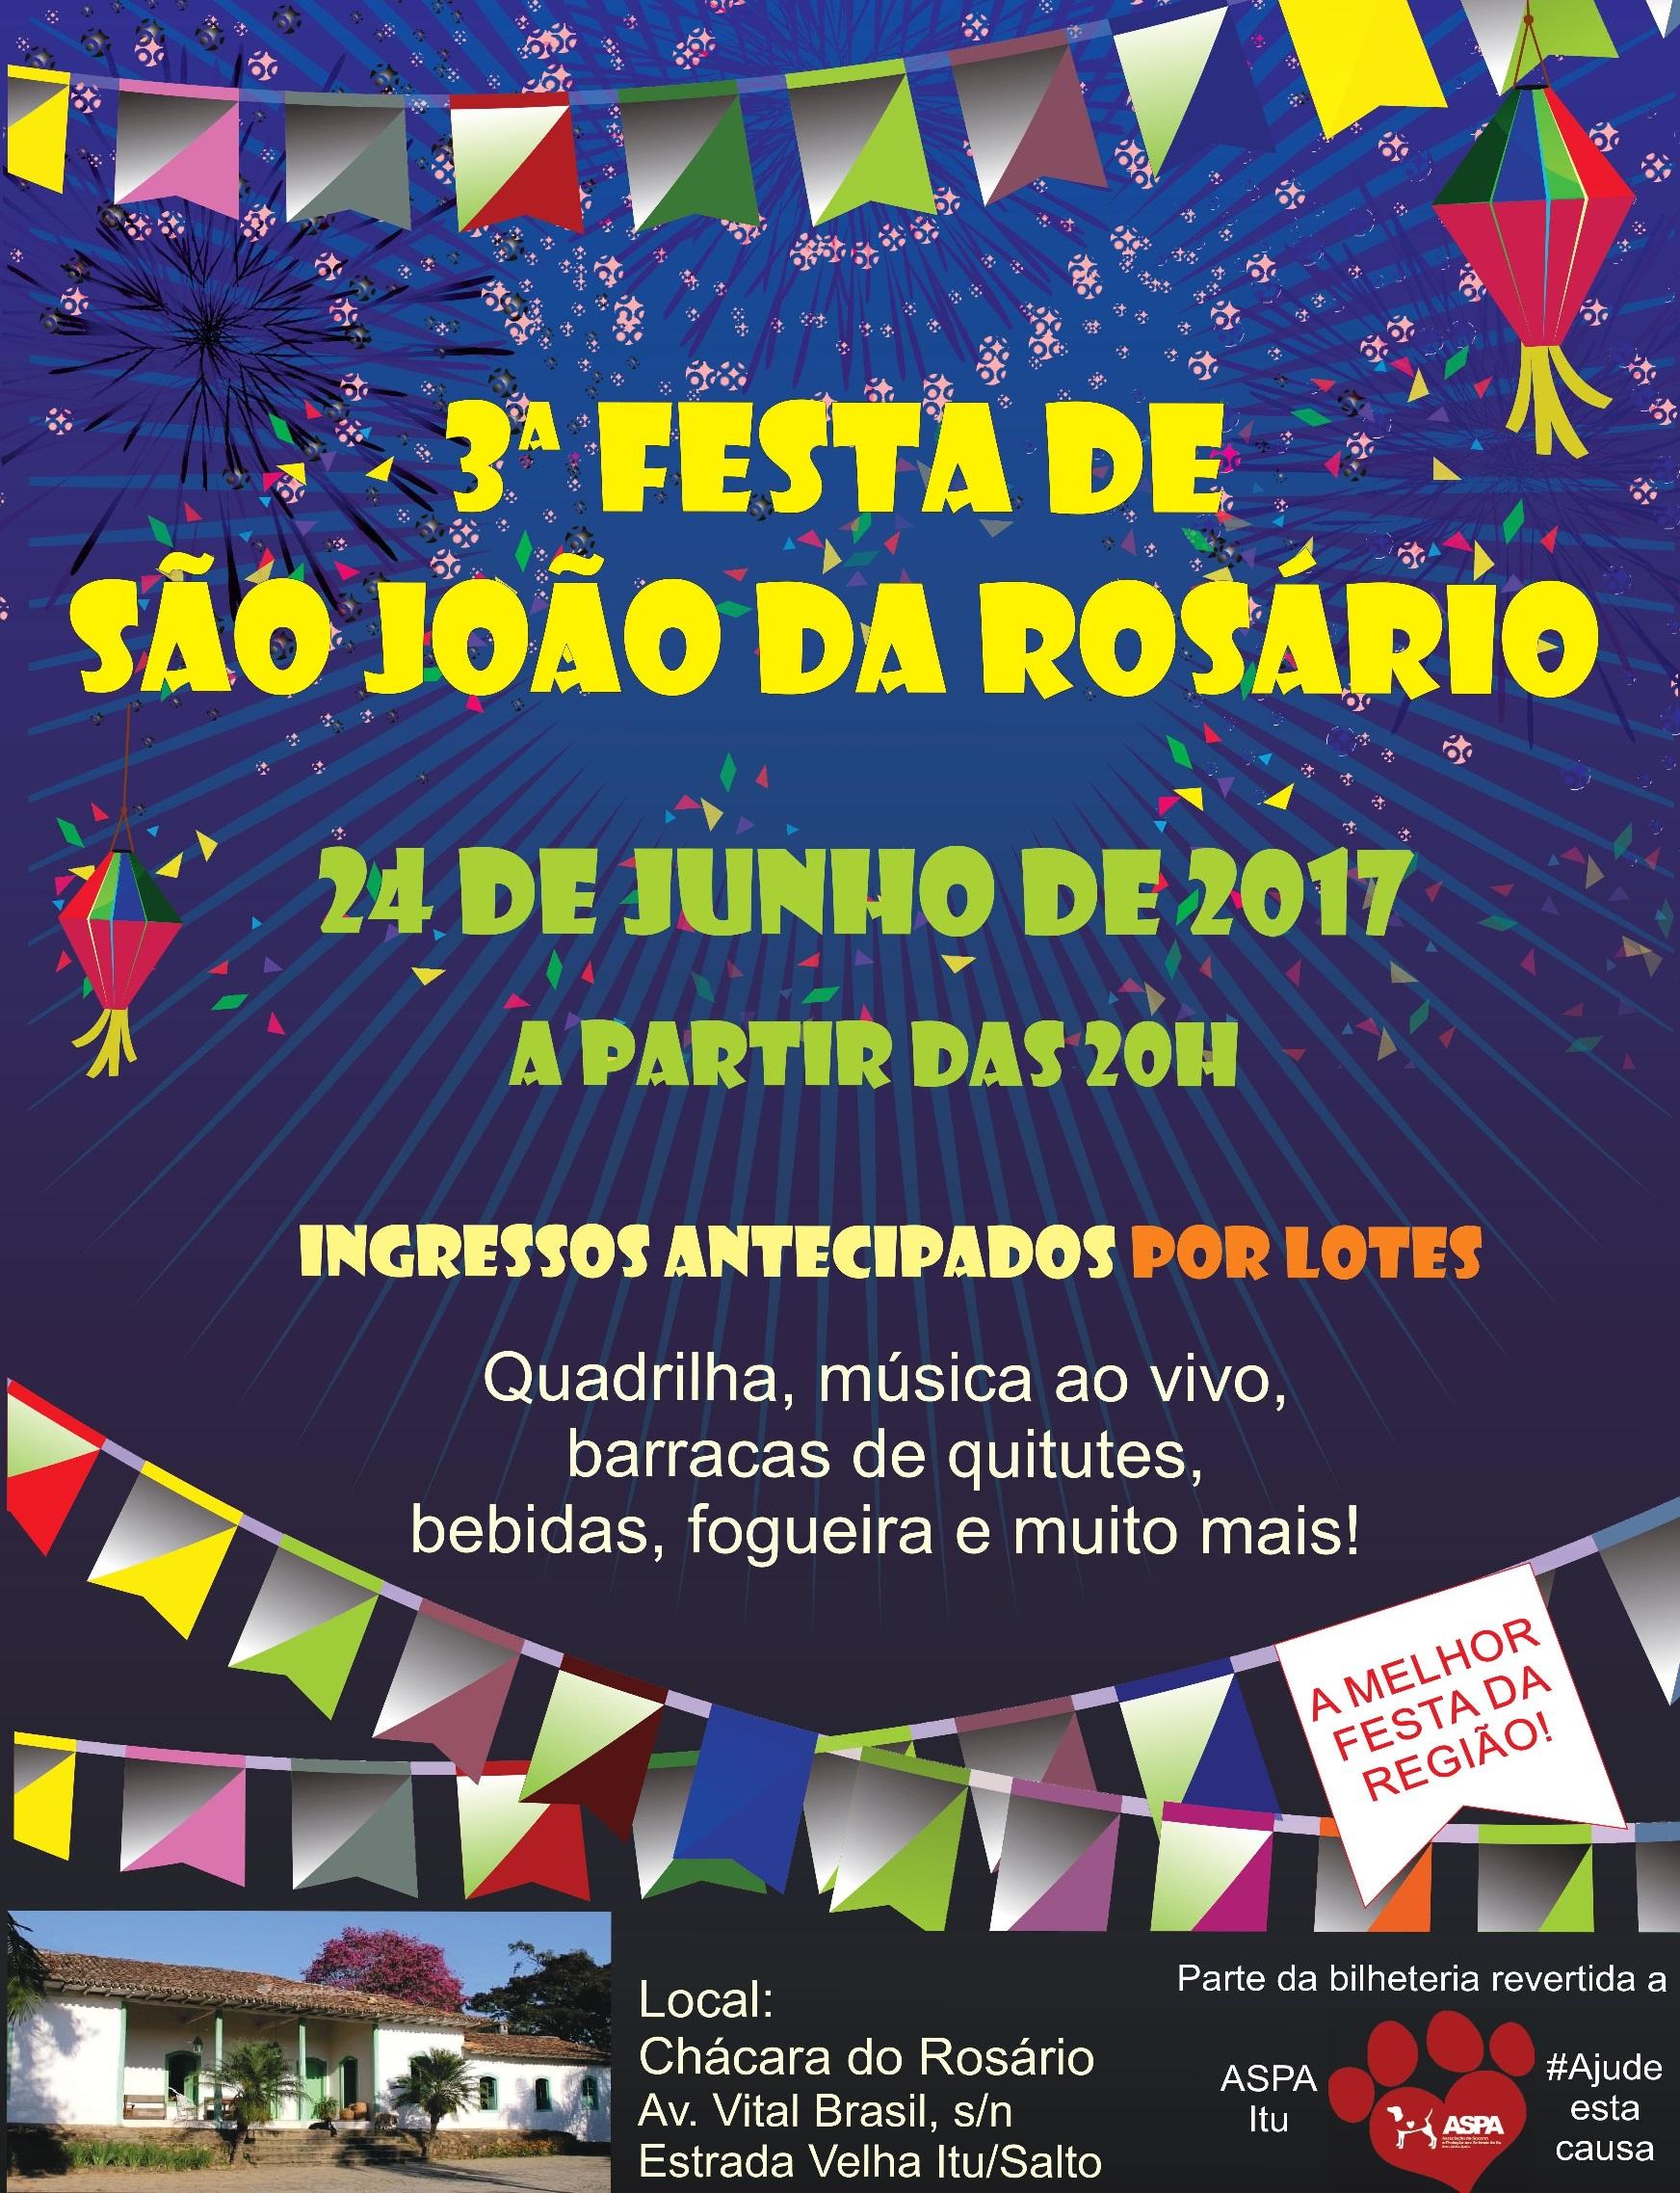 3ª Festa de São João da Rosário Itu